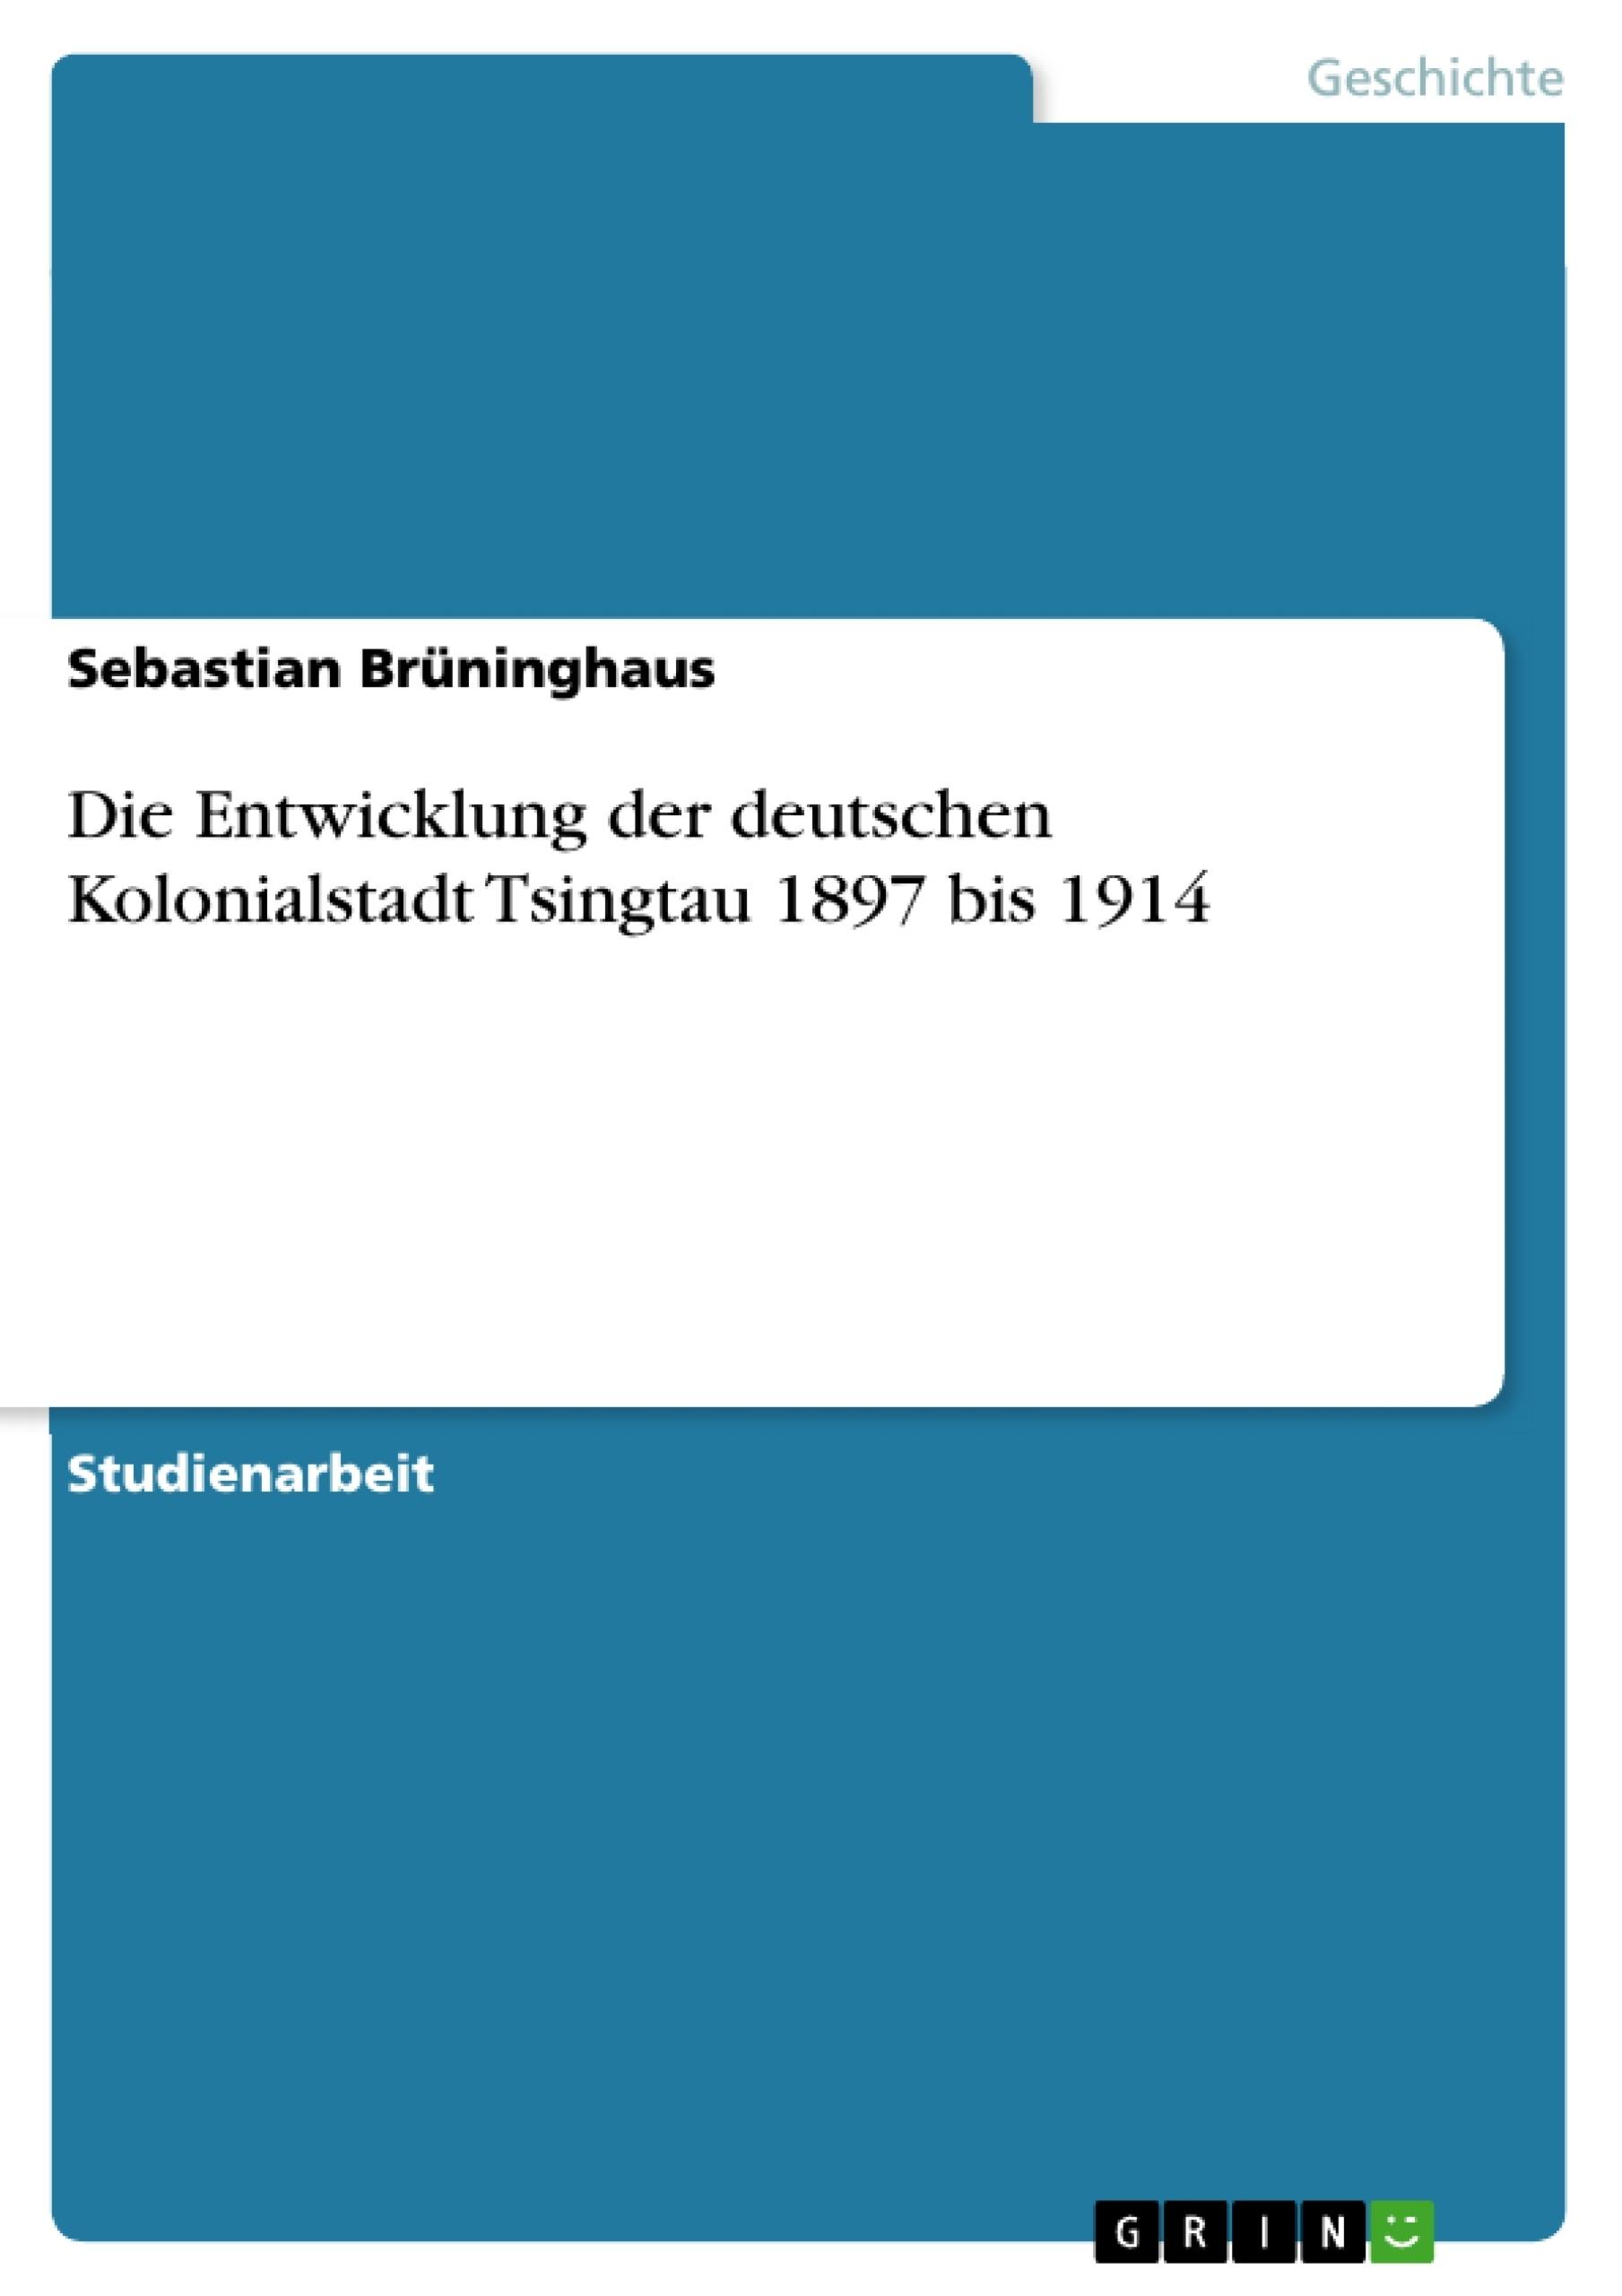 Titel: Die Entwicklung der deutschen Kolonialstadt Tsingtau 1897 bis 1914